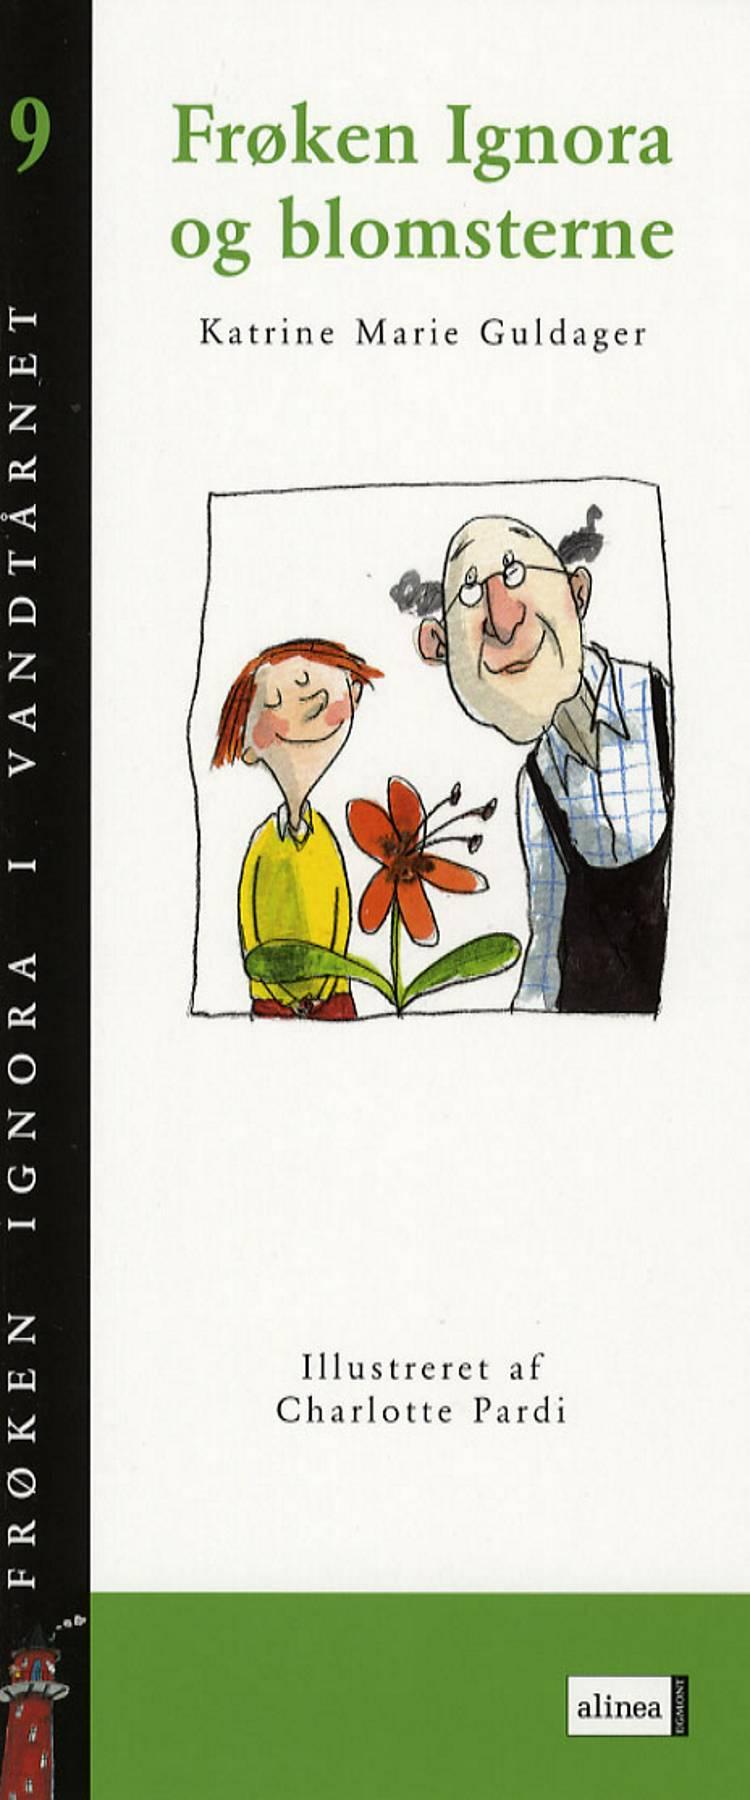 Frøken Ignora og blomsterne af Katrine Marie Guldager